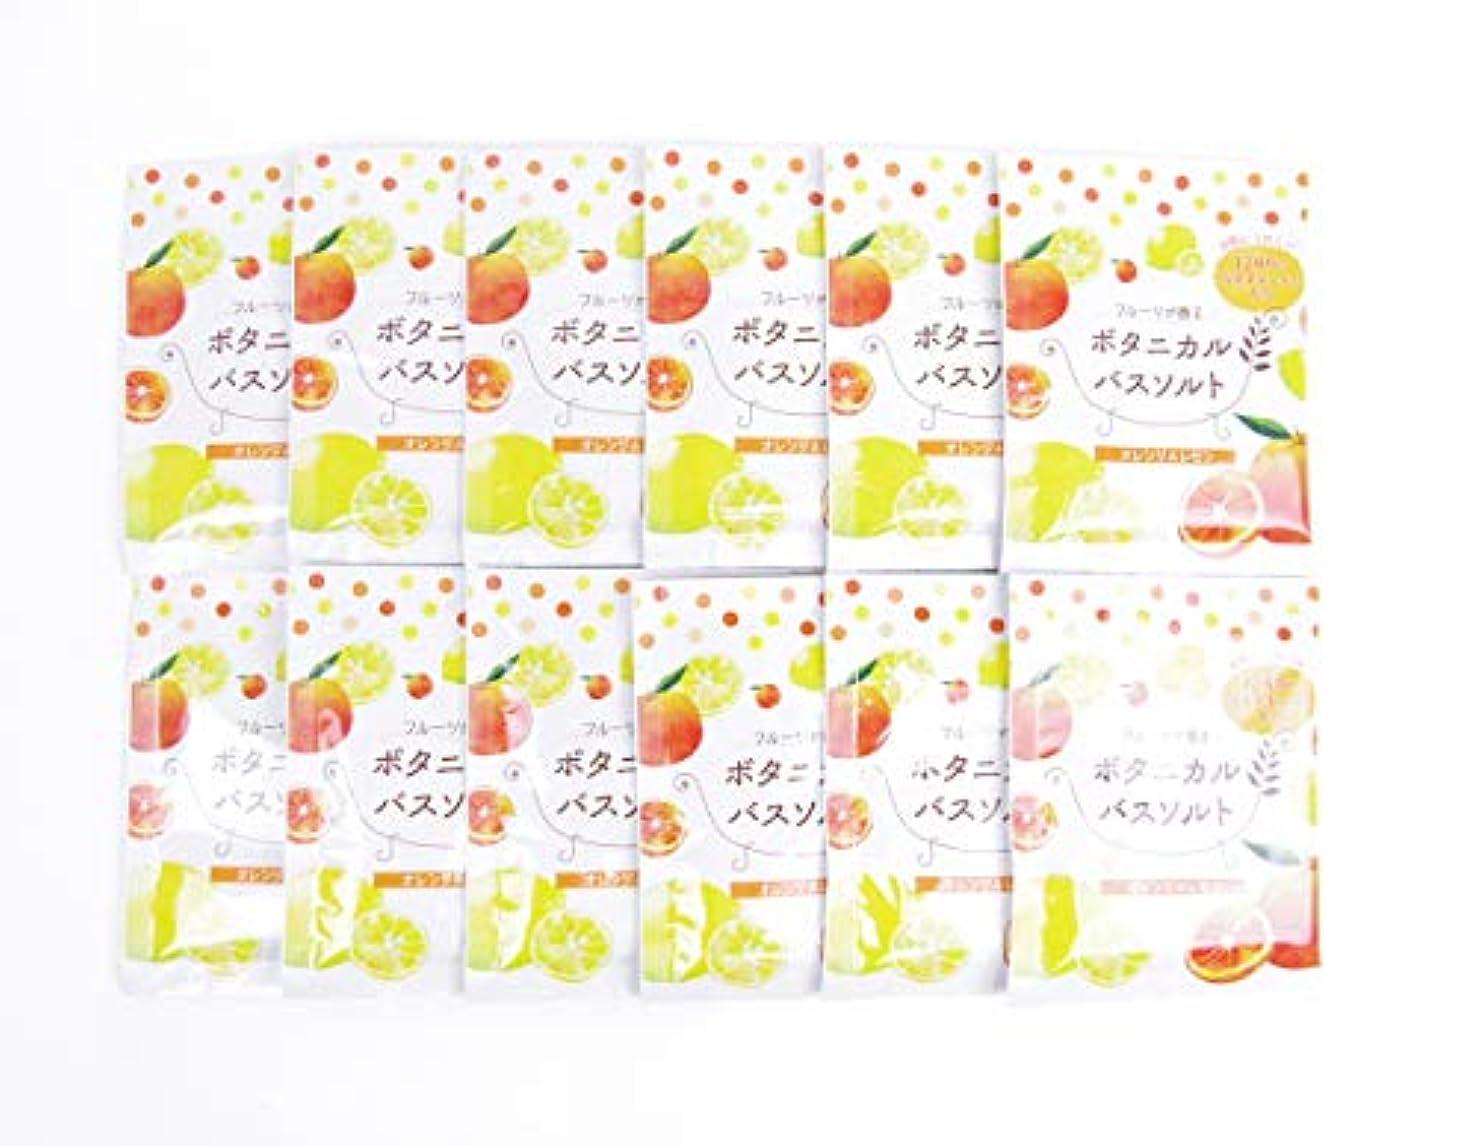 十分散髪金属松田医薬品 フルーツが香るボタニカルバスソルト オレンジ&レモン 30g 12個セット